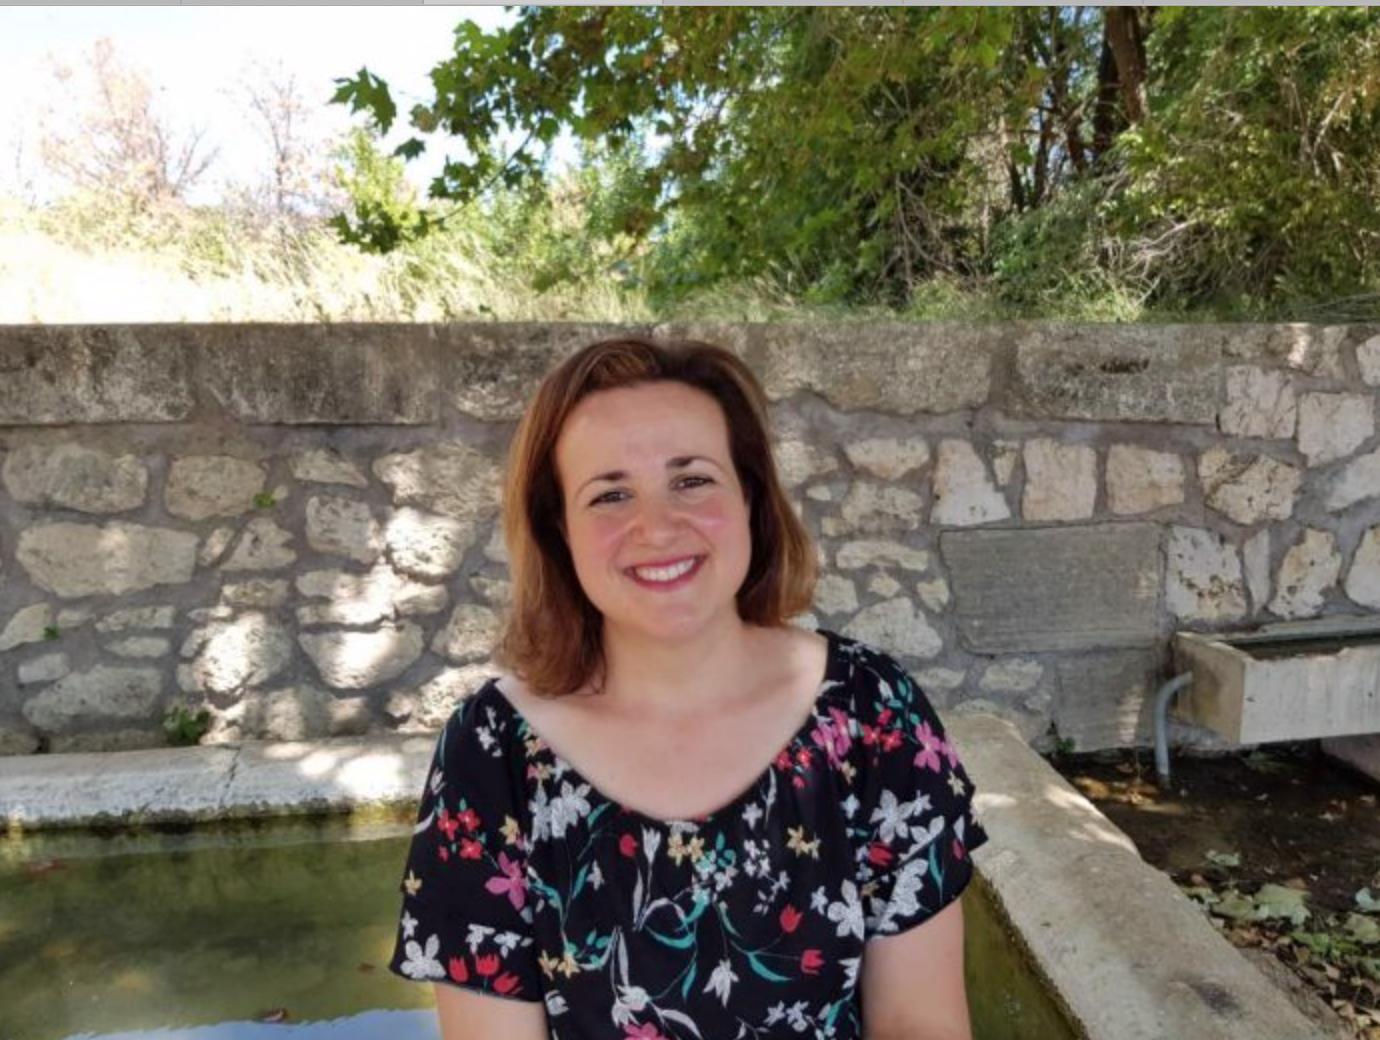 Фермер, политолог и феминистка: Мария Анхелес Росадо – №1 партии Граждане от Гвадалахары в Конгресс депутатов на выборах 28-А